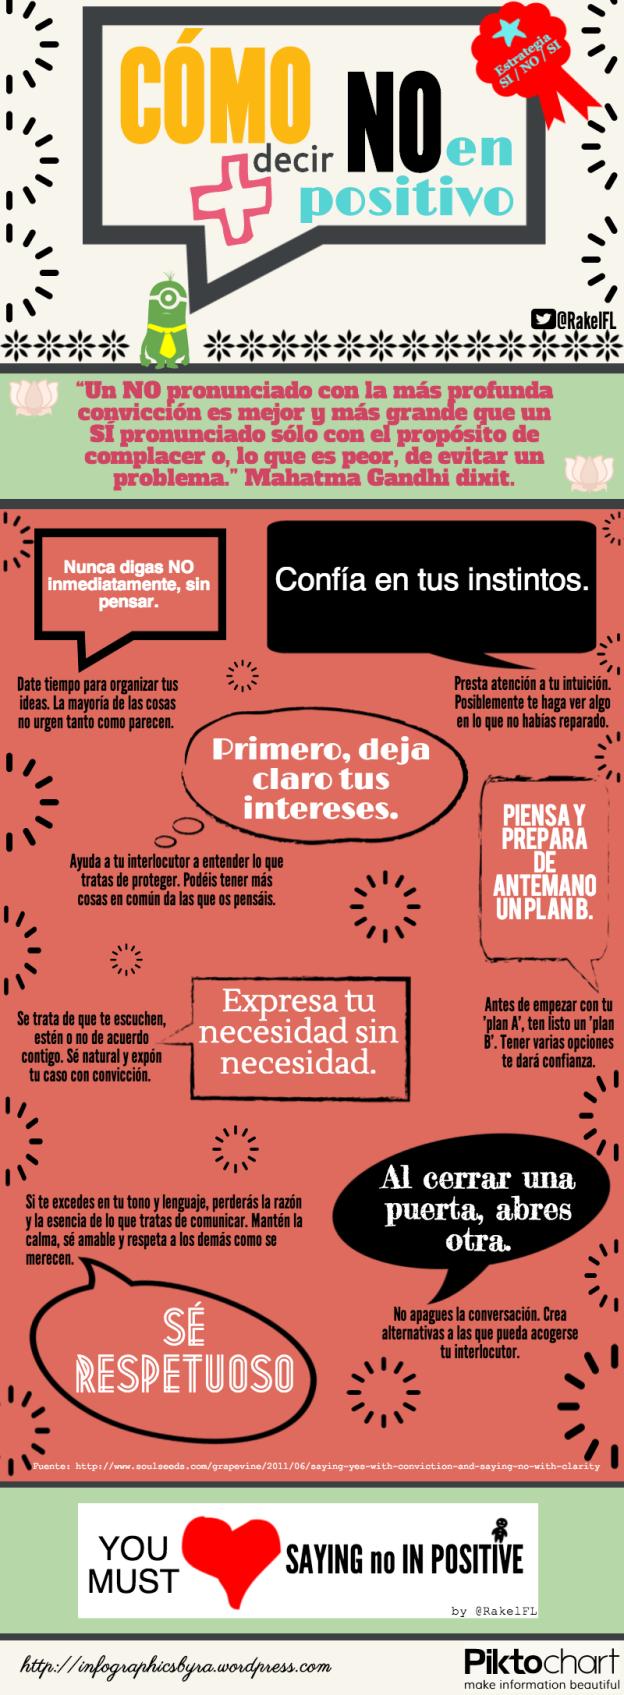 Cómo De Decir NO En Positivo+, infografía by Rakel Felipe.